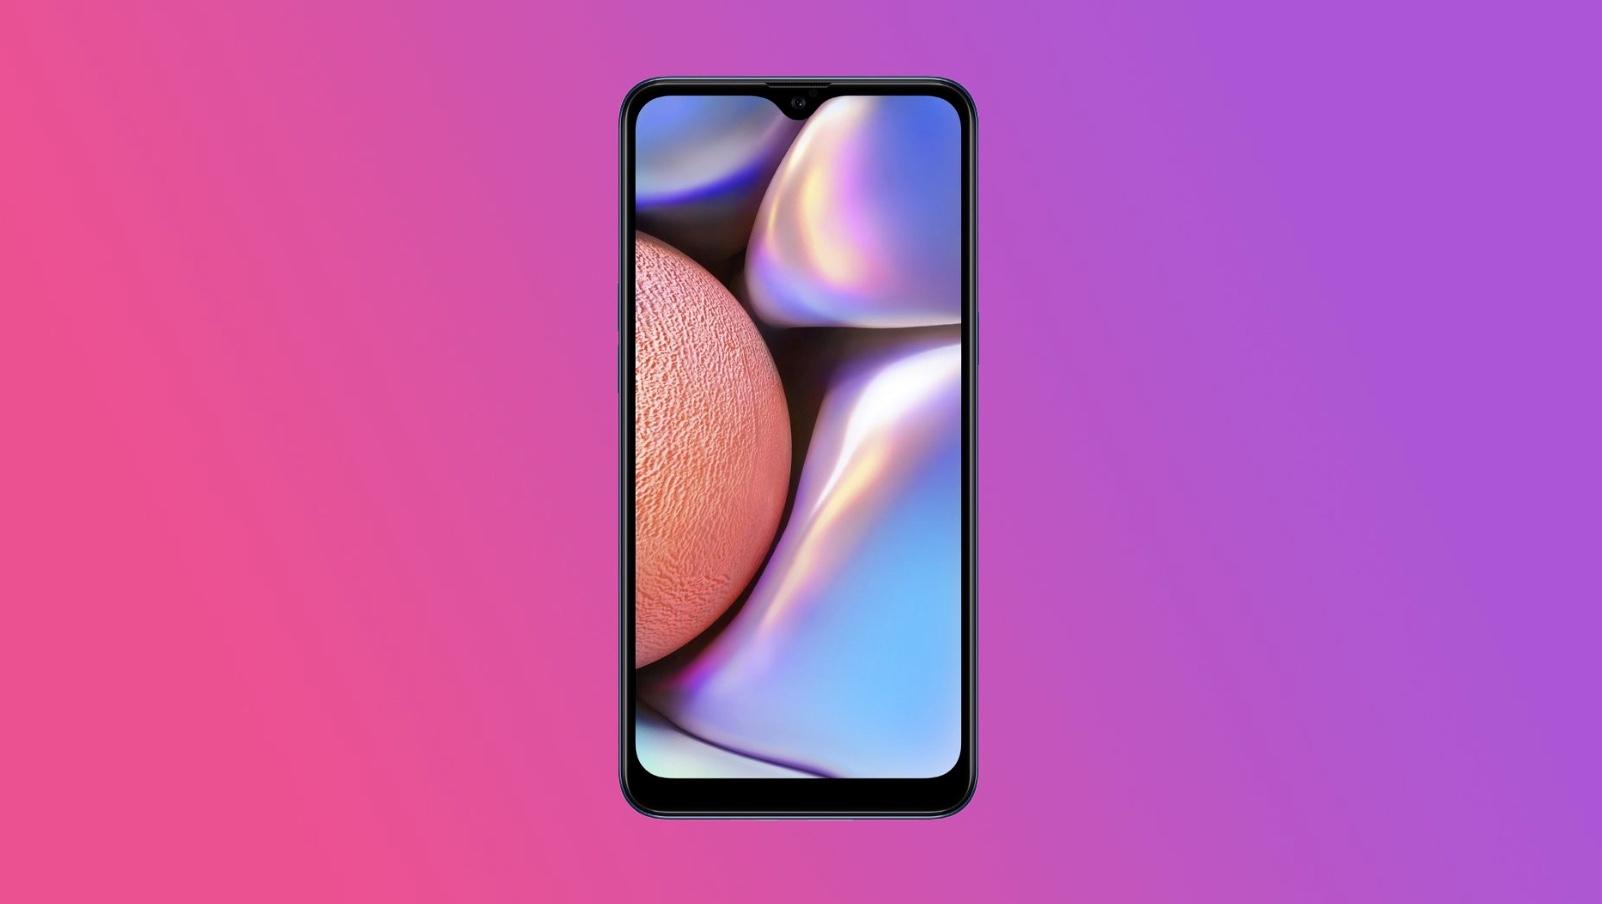 Galaxy A10e : le mobile low cost de Samsung passe lui aussi à Android 11